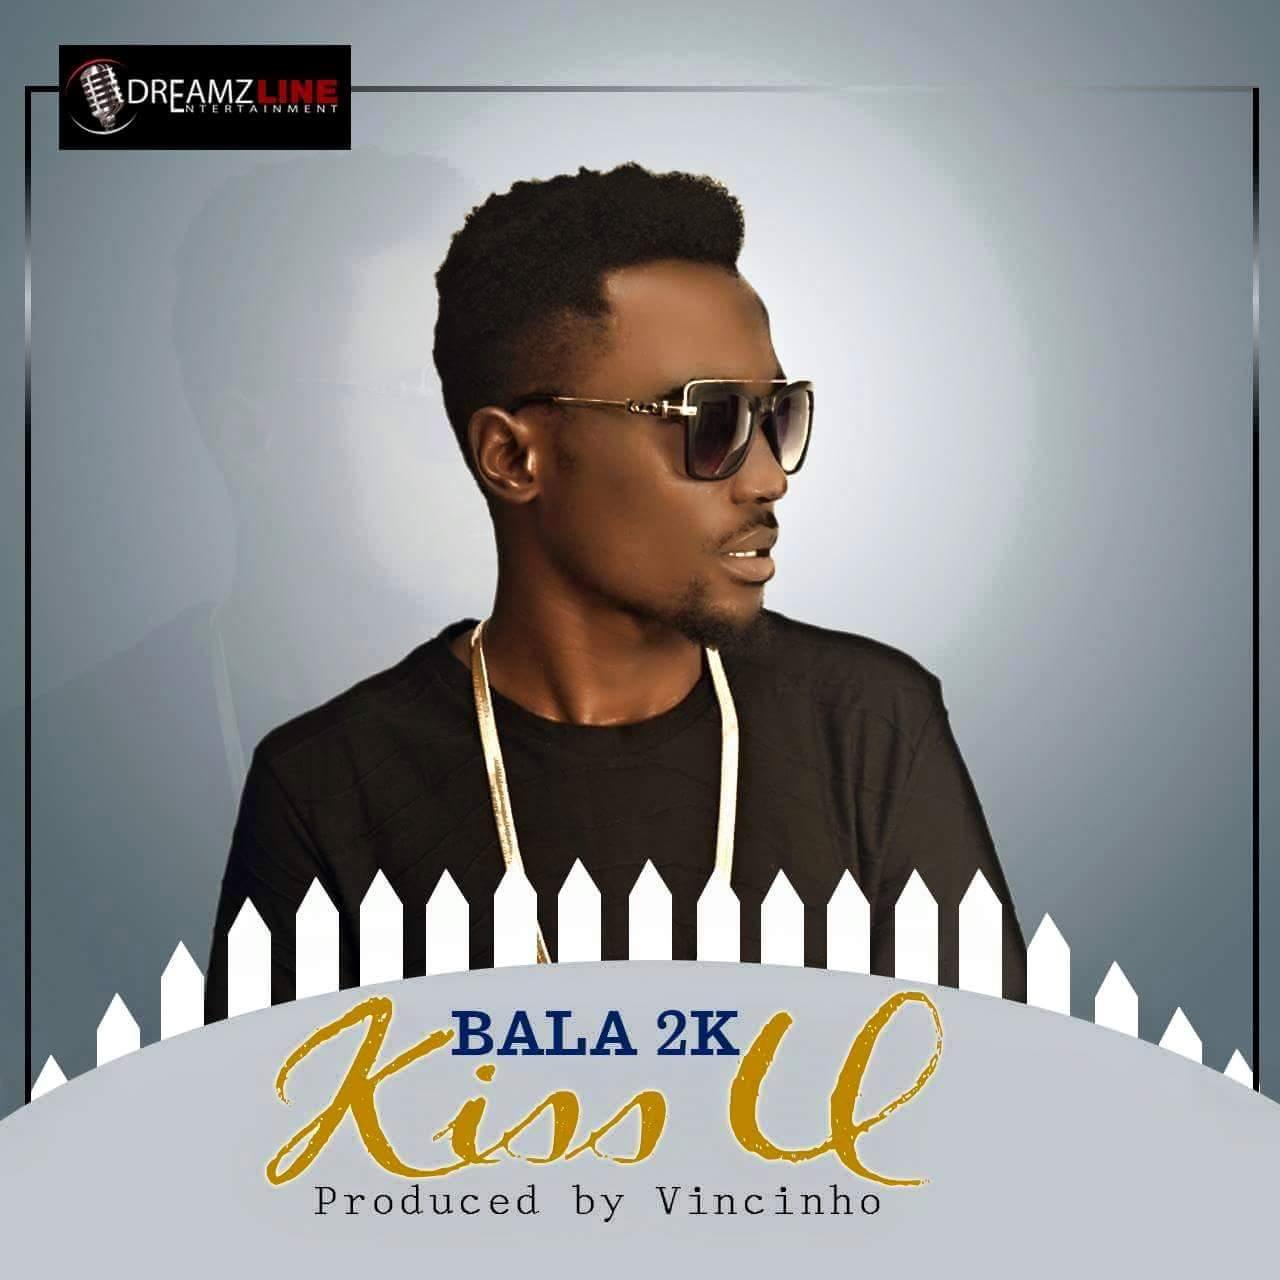 New Song Alert: BALA 2K - Kiss You - Miss Gina Promotes